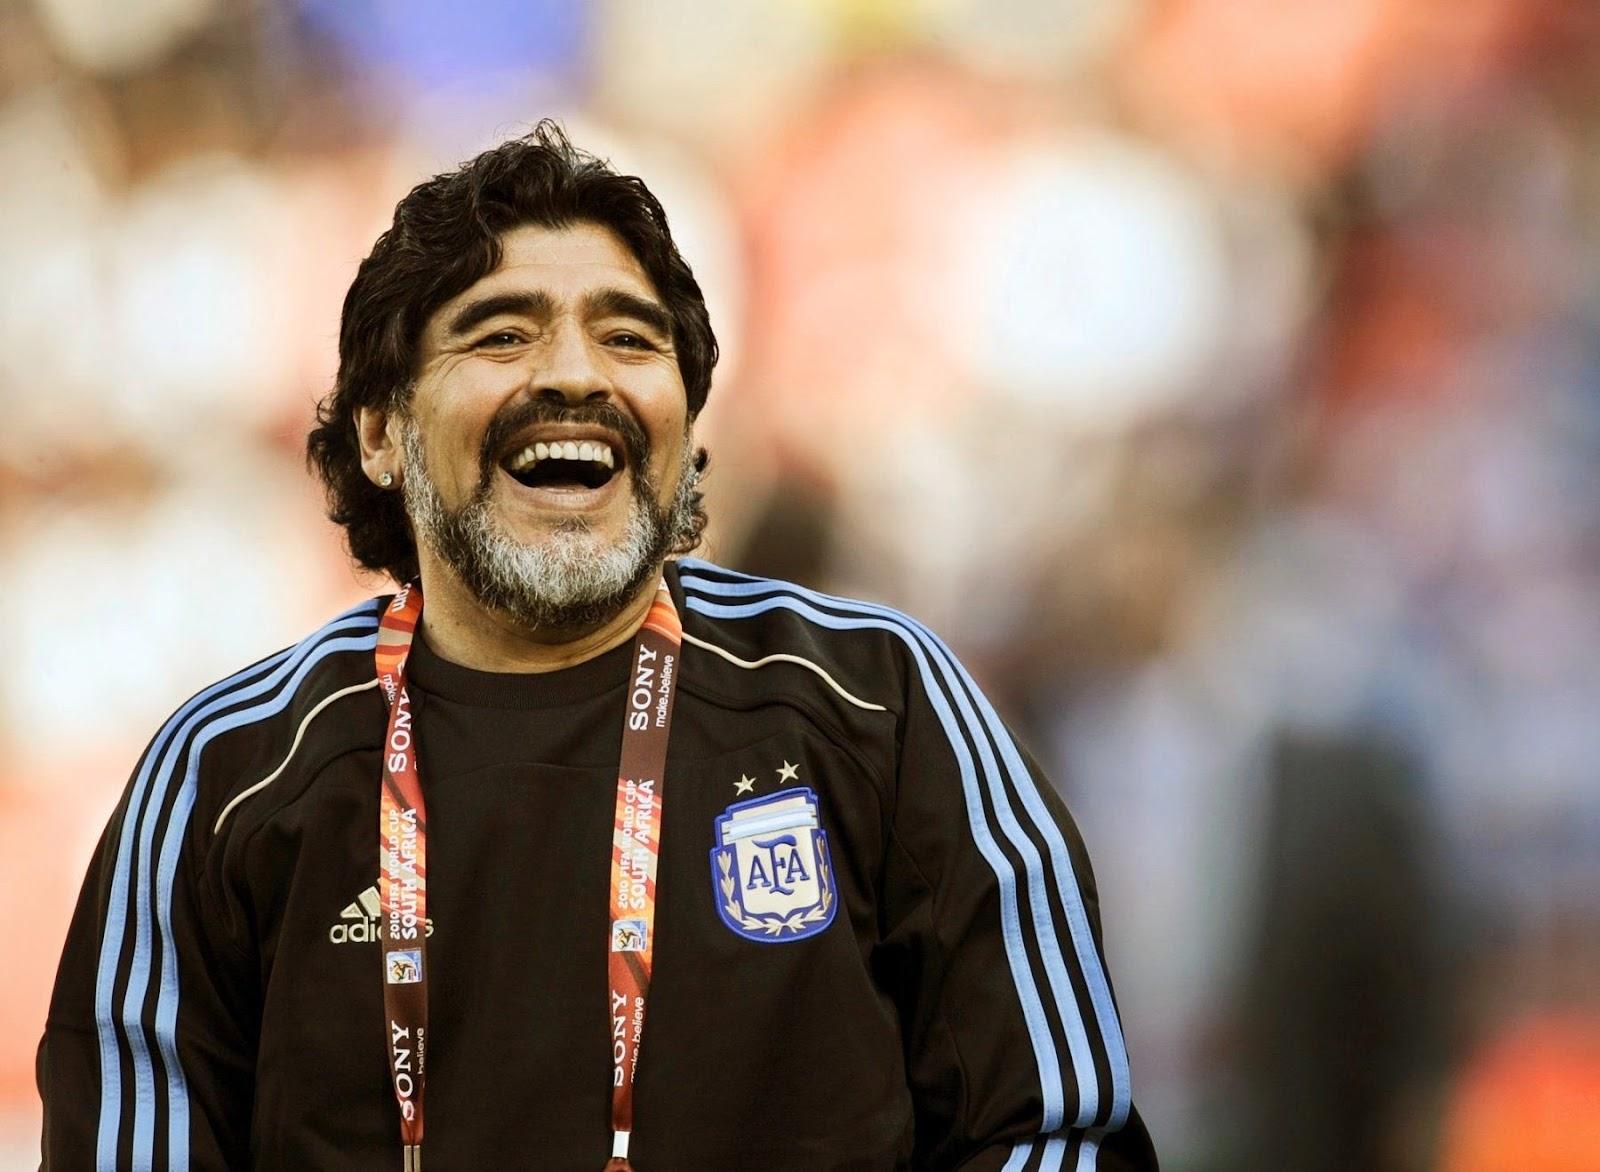 Mối quan hệ yêu-ghét của anh ấy với Argentina chỉ dịu đi sau khi anh ấy nghỉ hưu